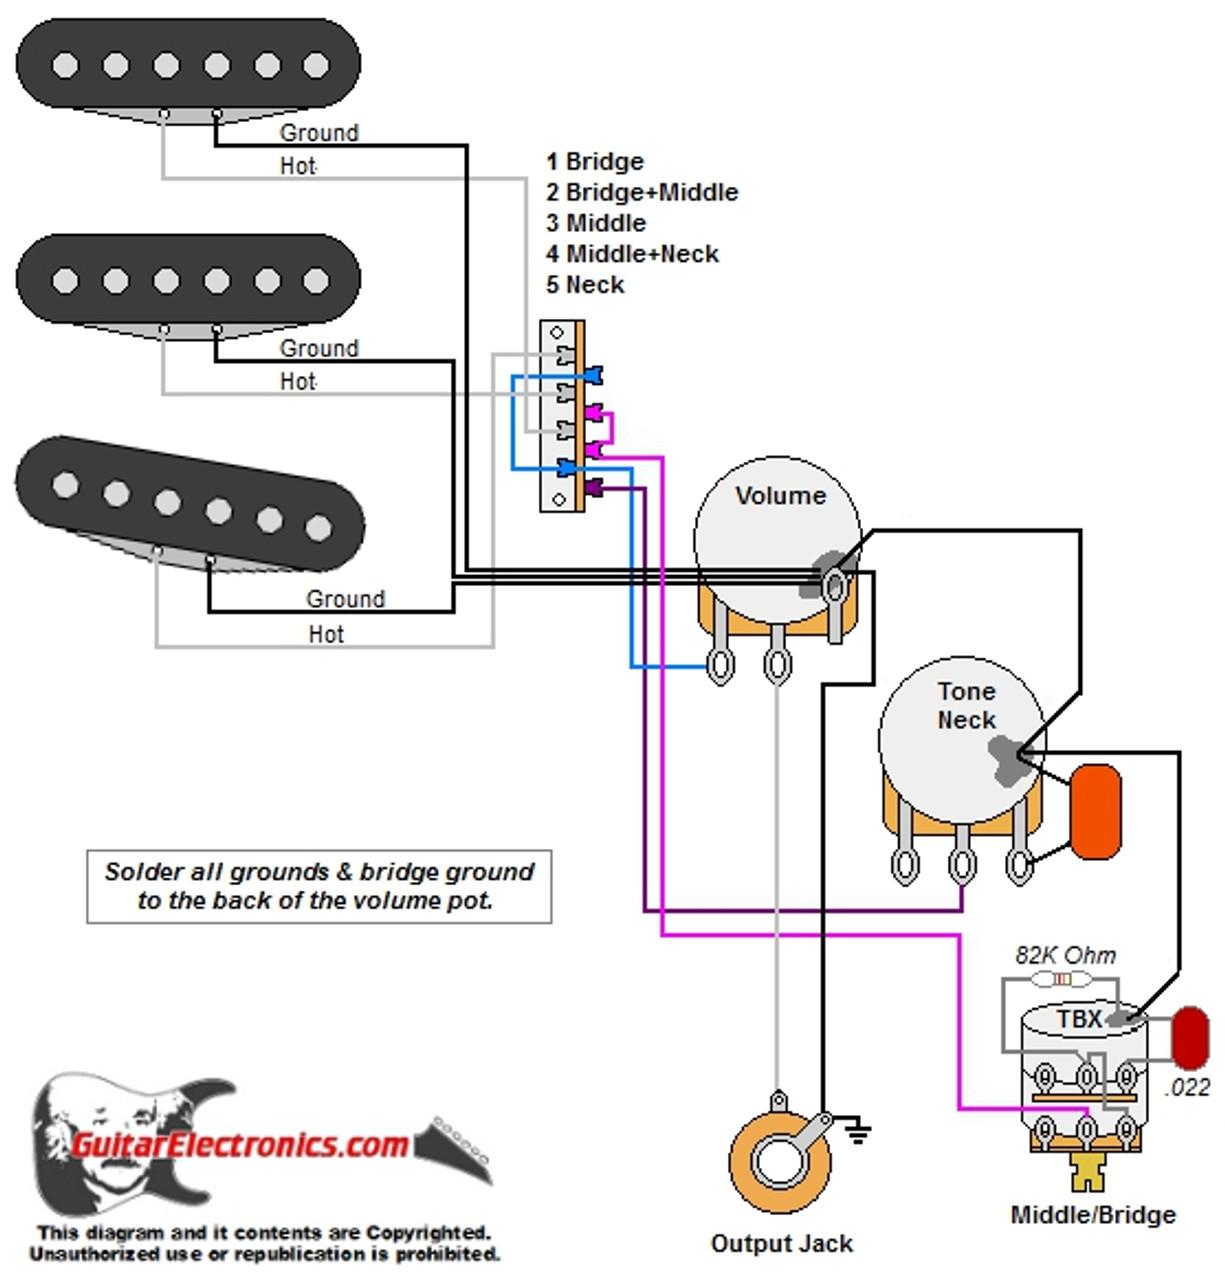 small resolution of strat w tbx tone control fender strat pickguard wiring diagram wdusss5l1205 92758 1481686223 jpg c